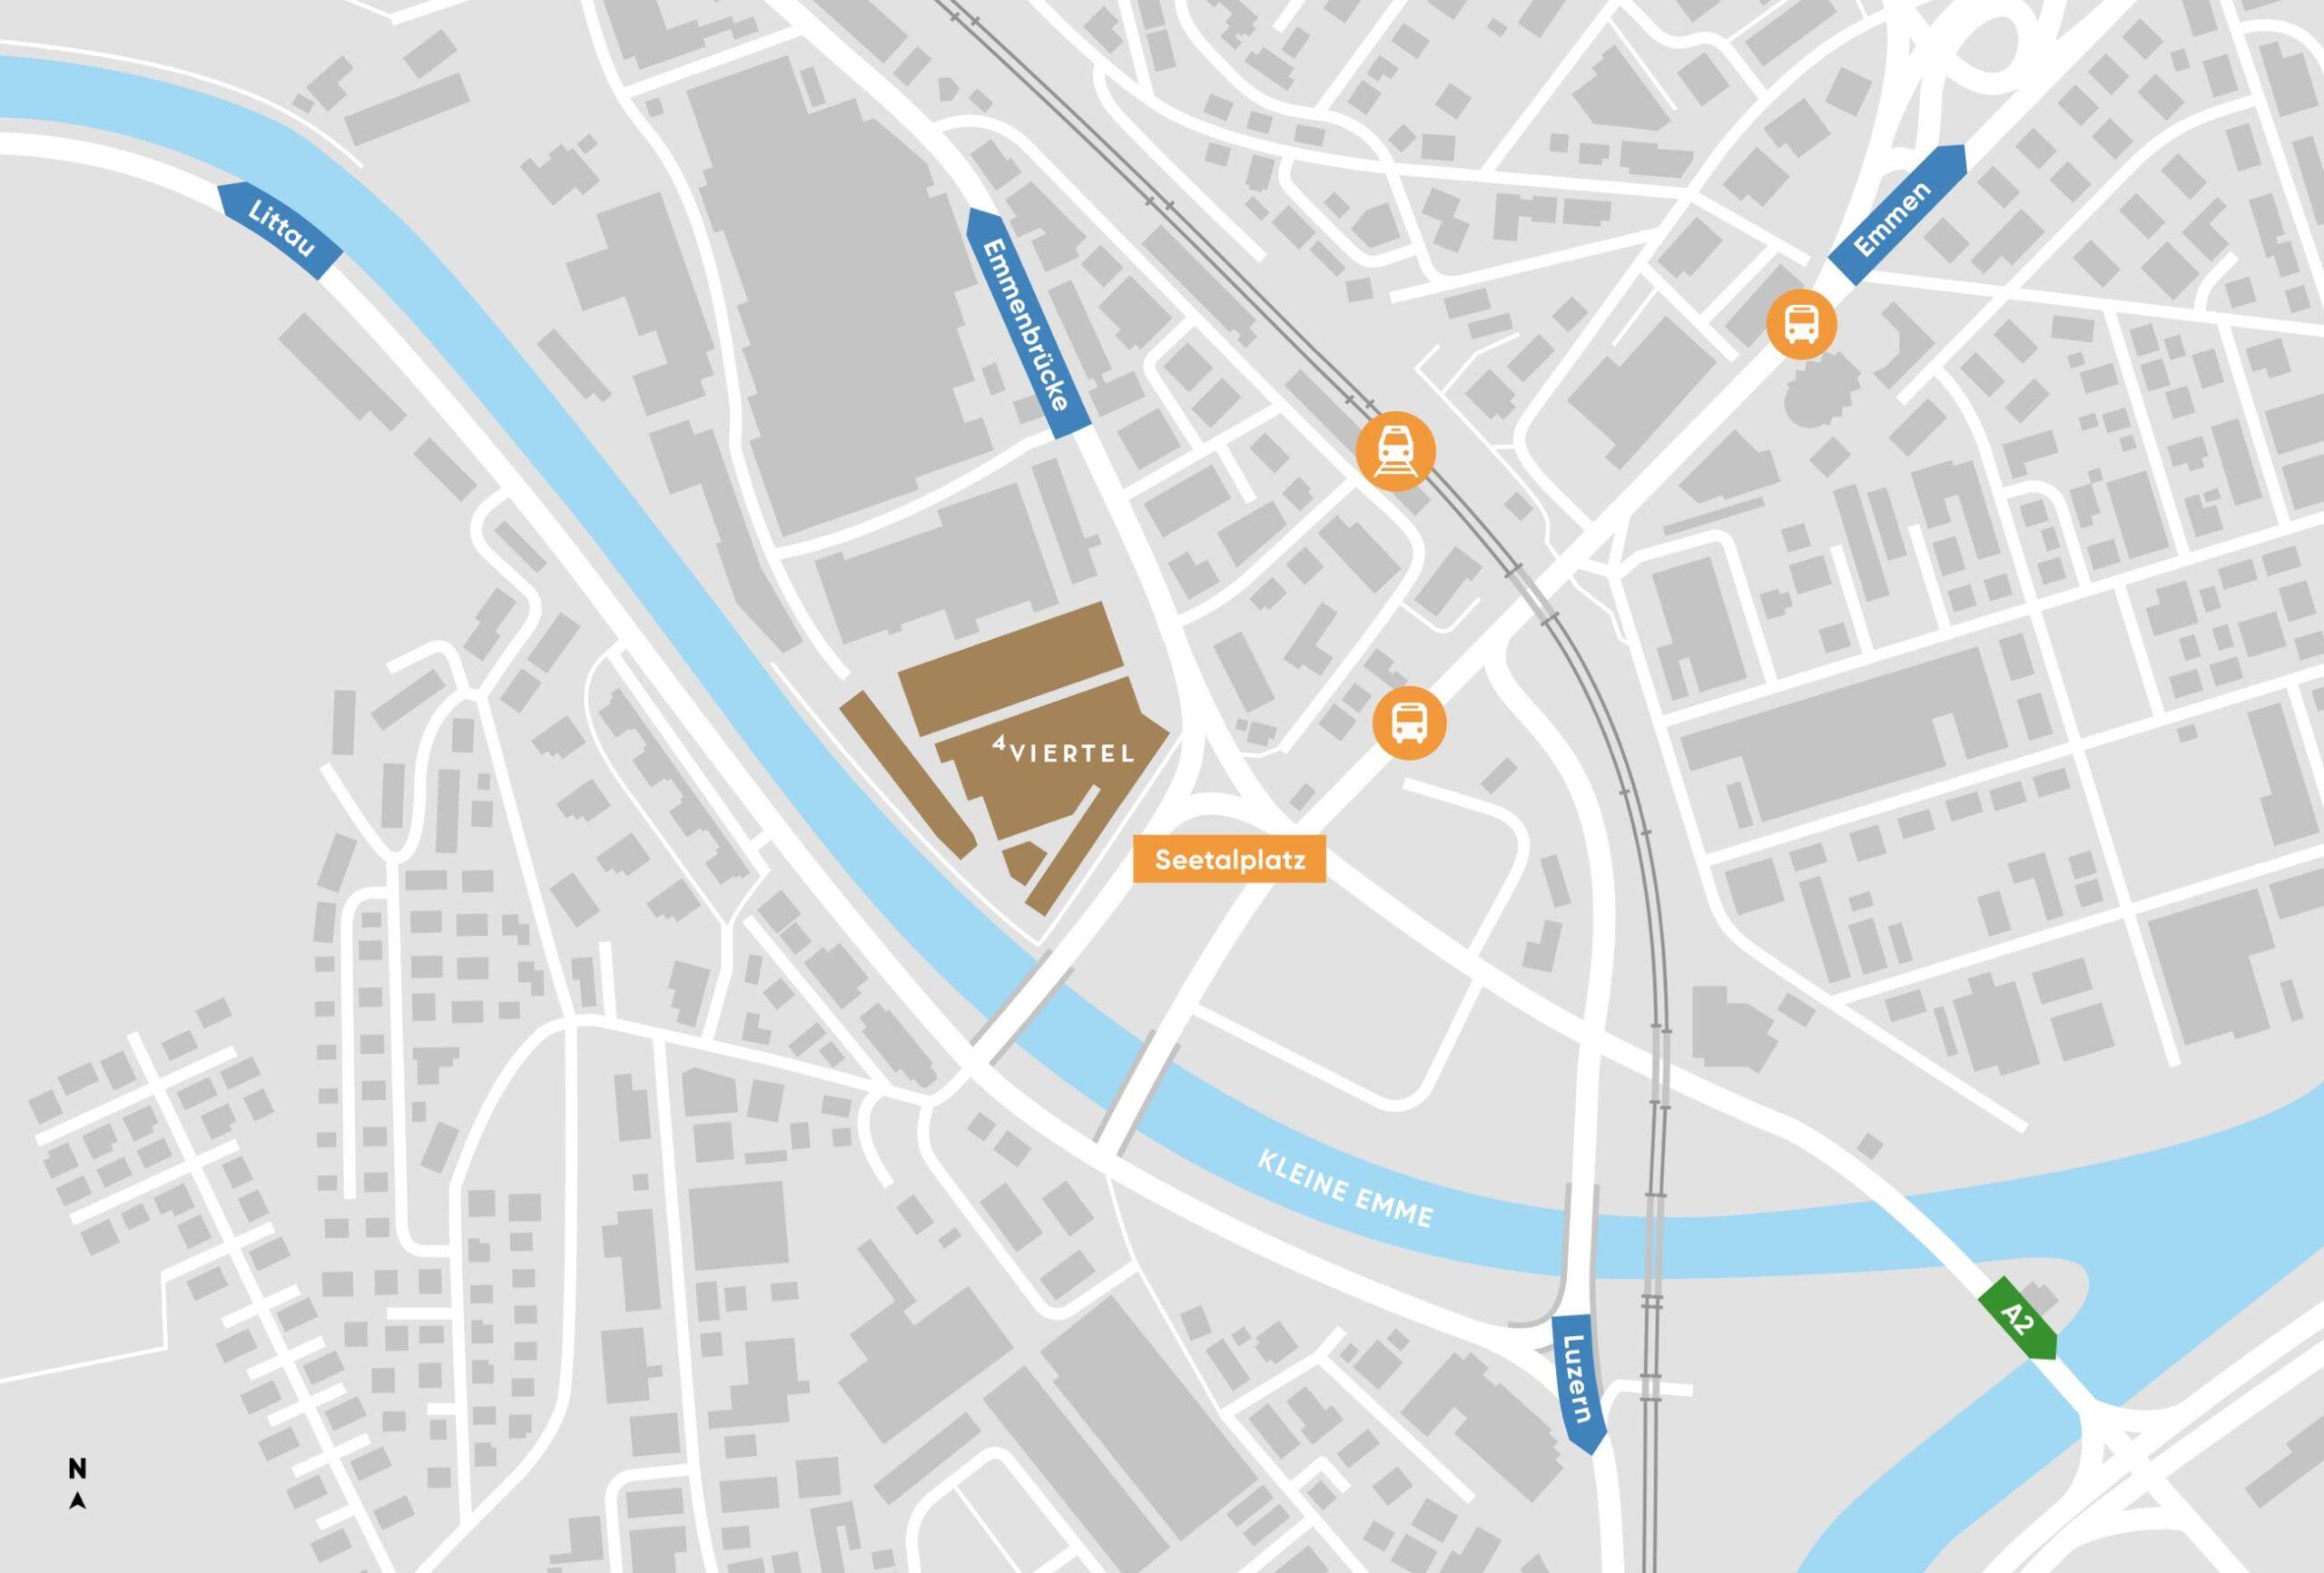 Lageplan 4VIERTEL am Seetalplatz mit Autobahnanschluss Bus und Zug